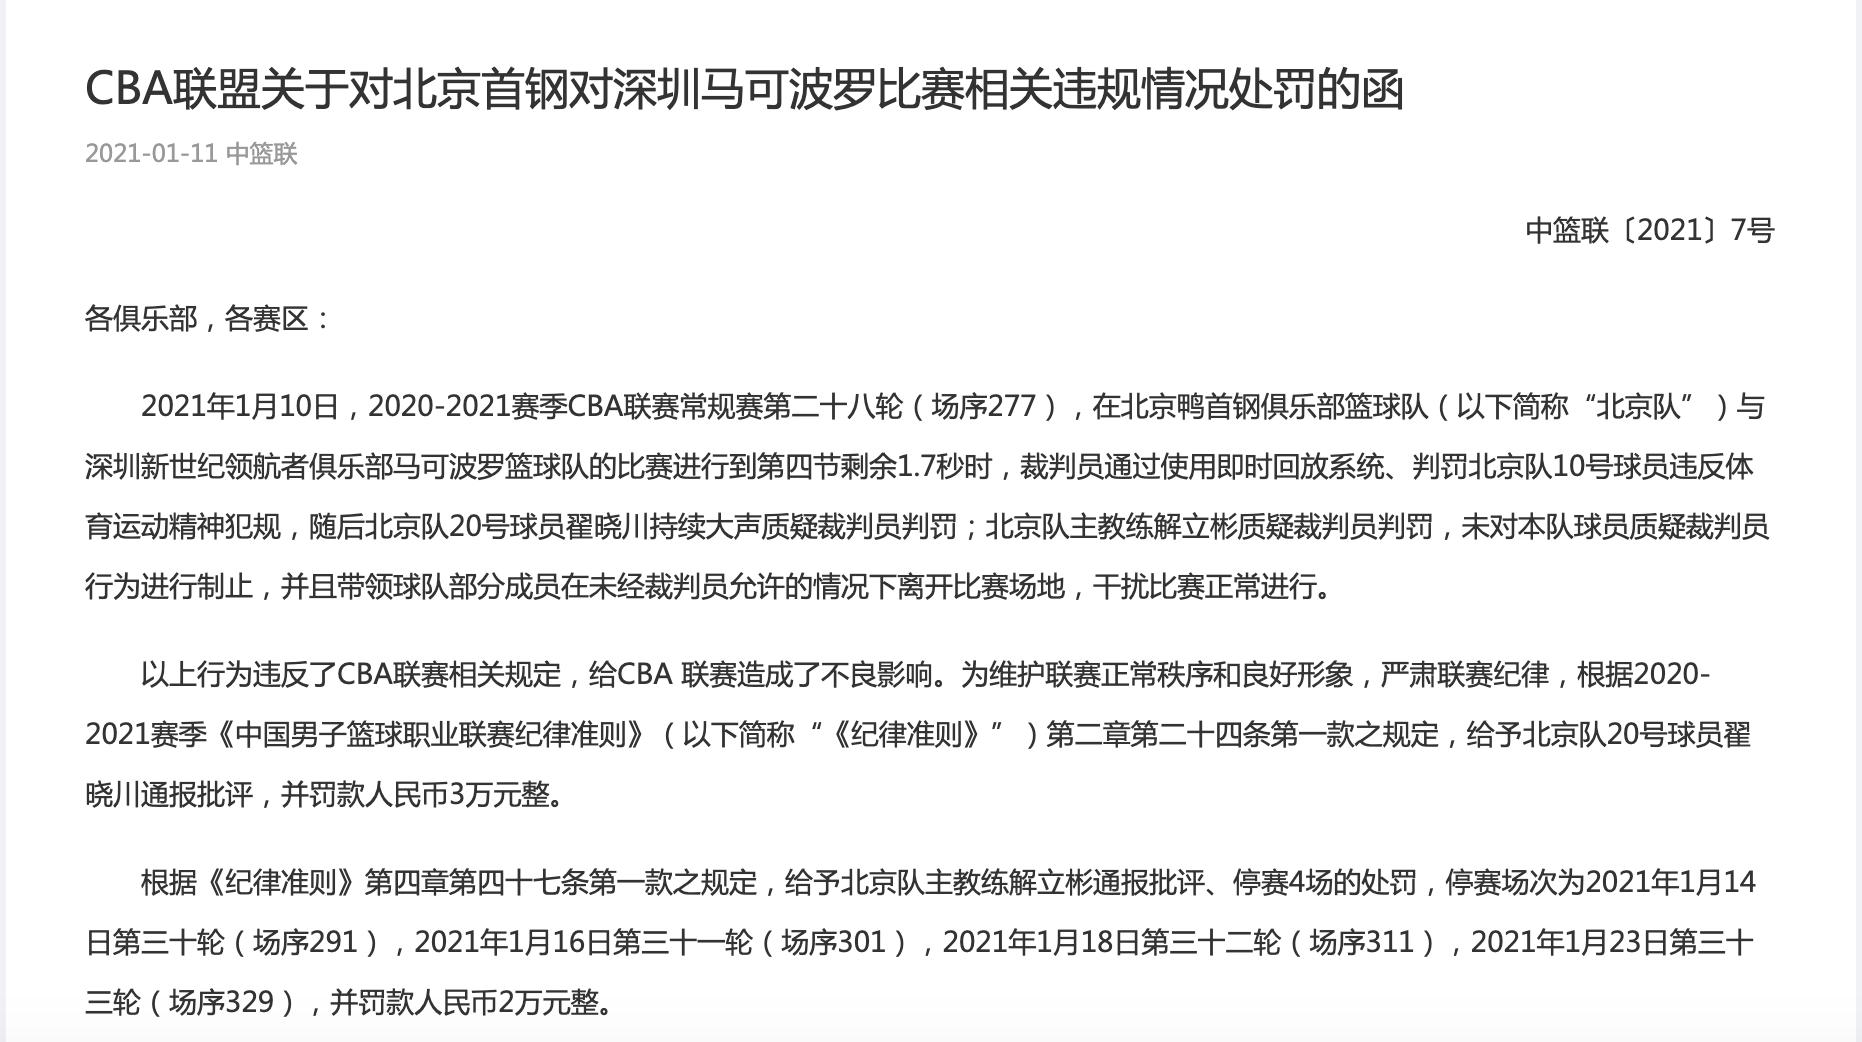 北京首钢队主教练解立彬被停赛4场并被罚款2万元,球员翟晓川被通报批评并被罚款3万元